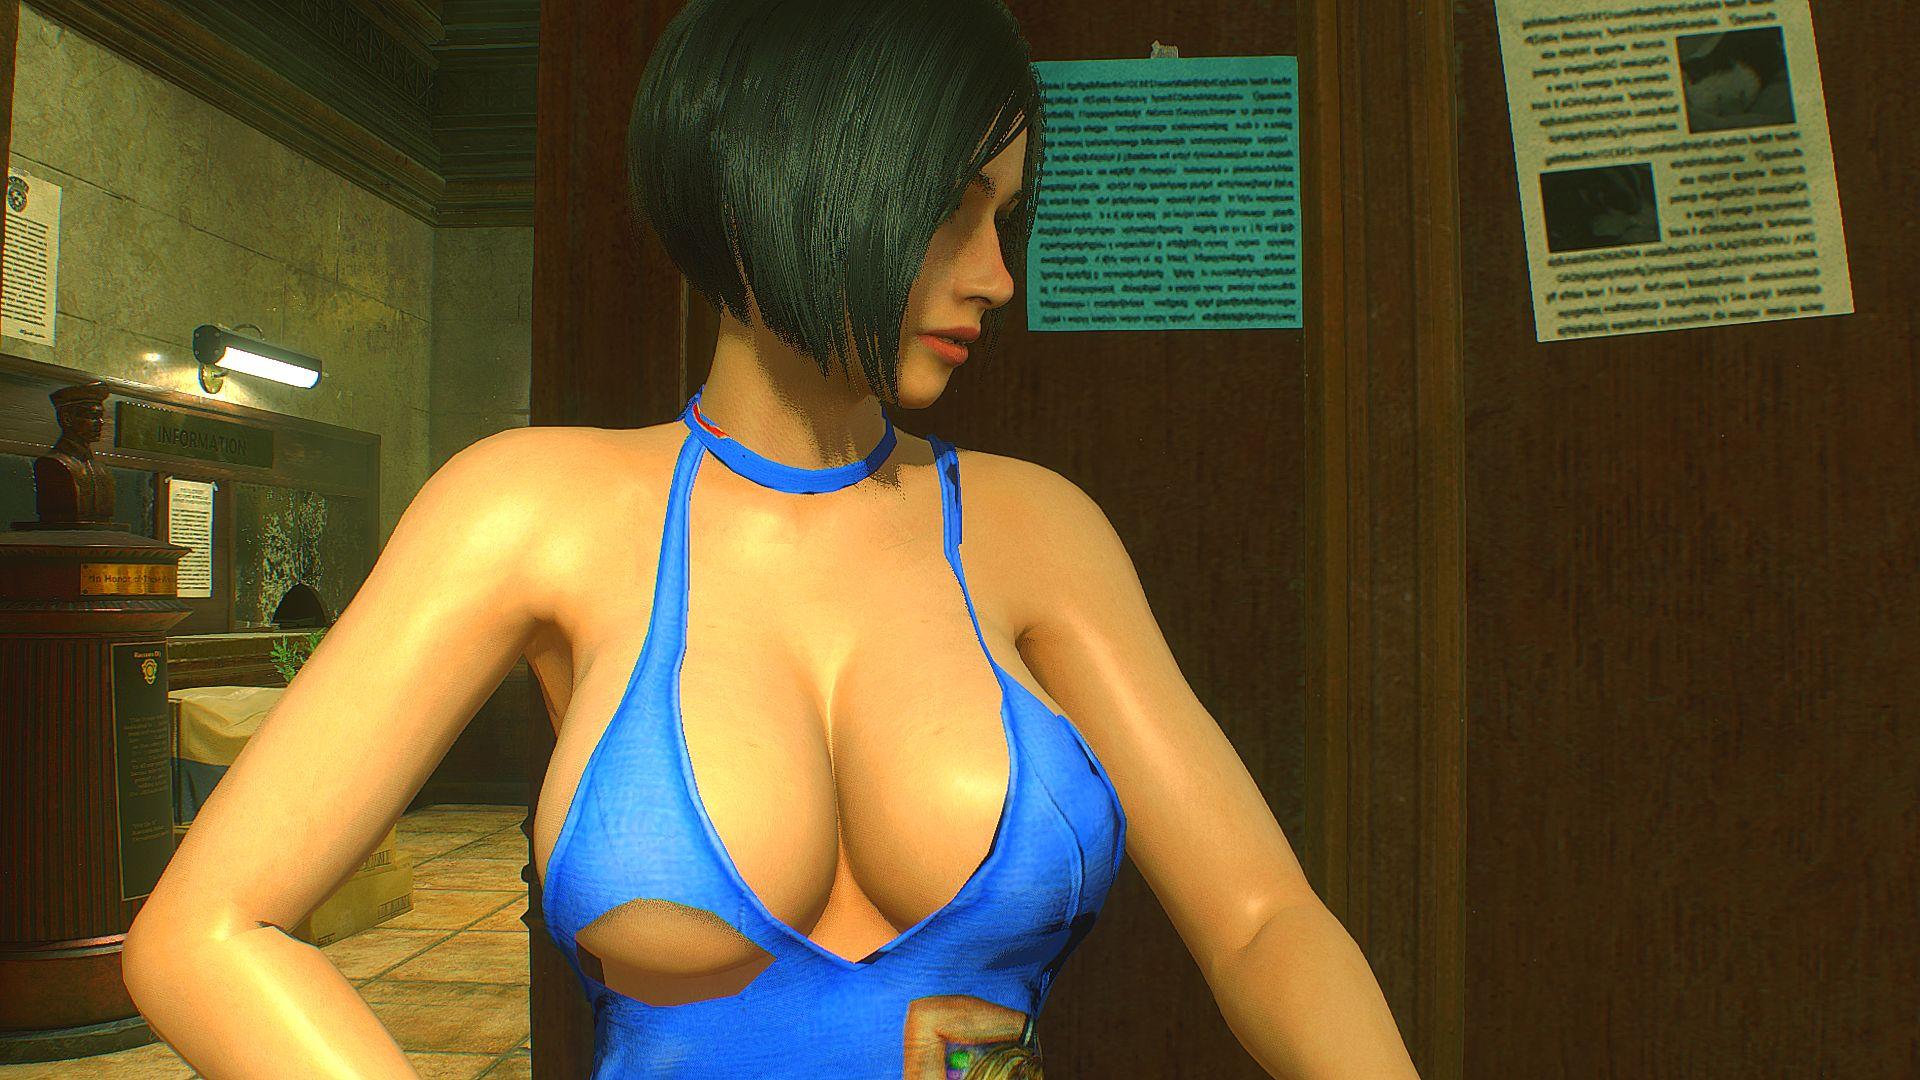 001294.Jpg - Resident Evil 2